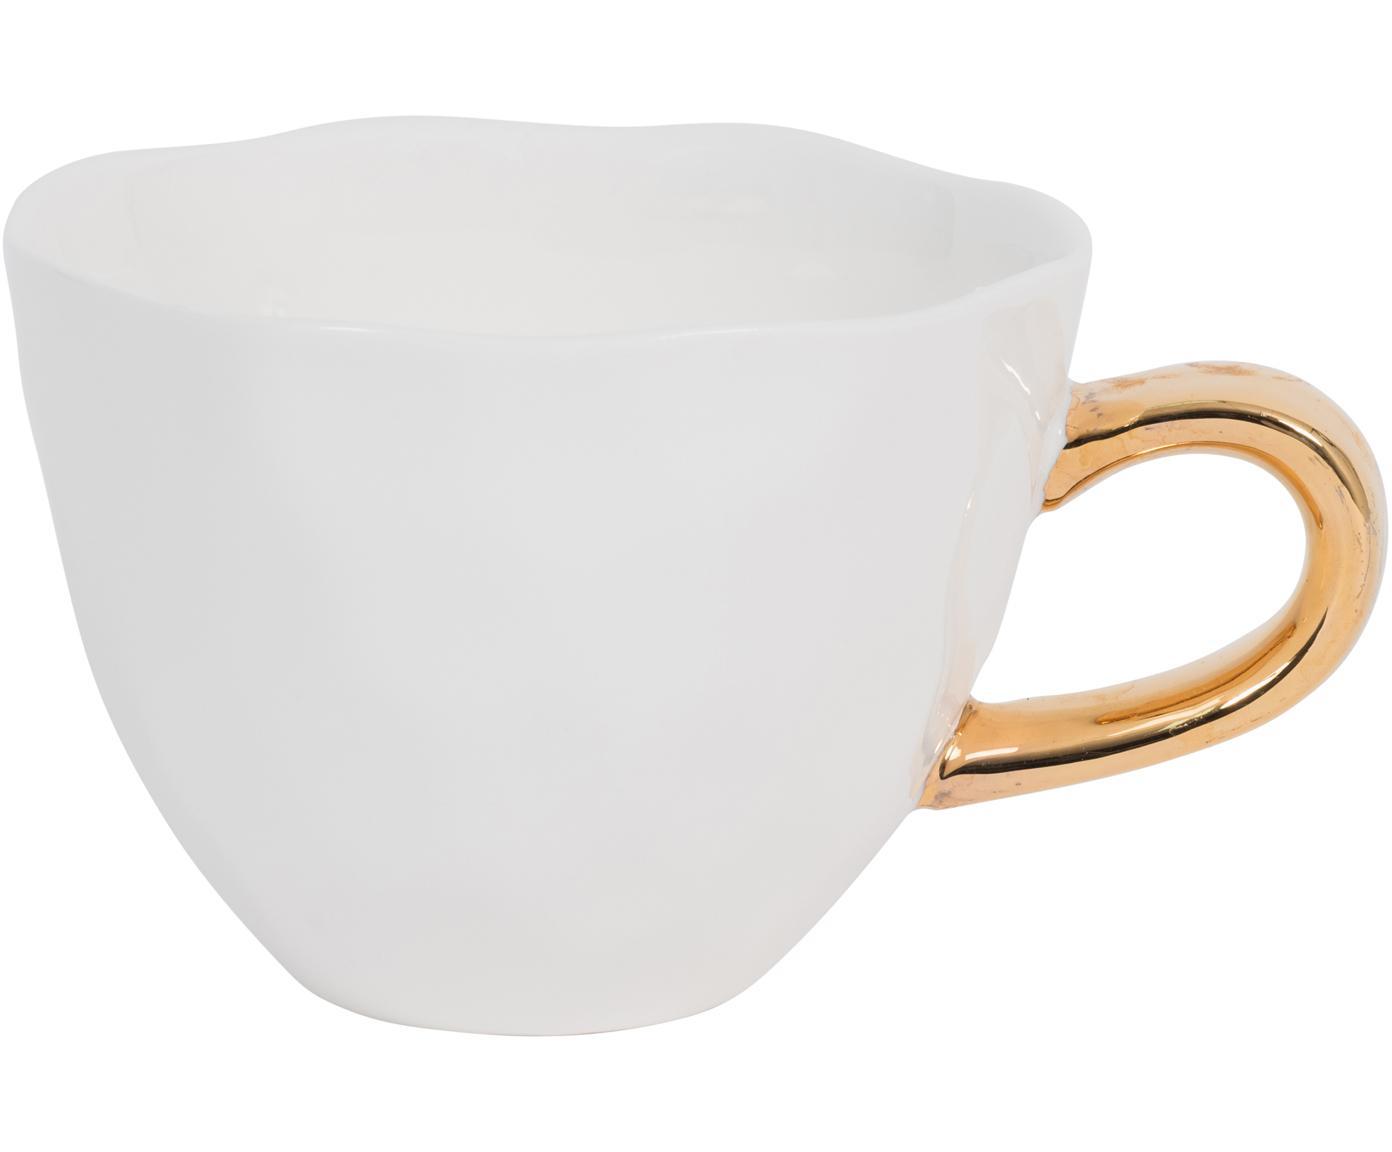 Kopje Good Morning in wit met goudkleurig handvat, Keramiek, Wit, goudkleurig, Ø 11 cm